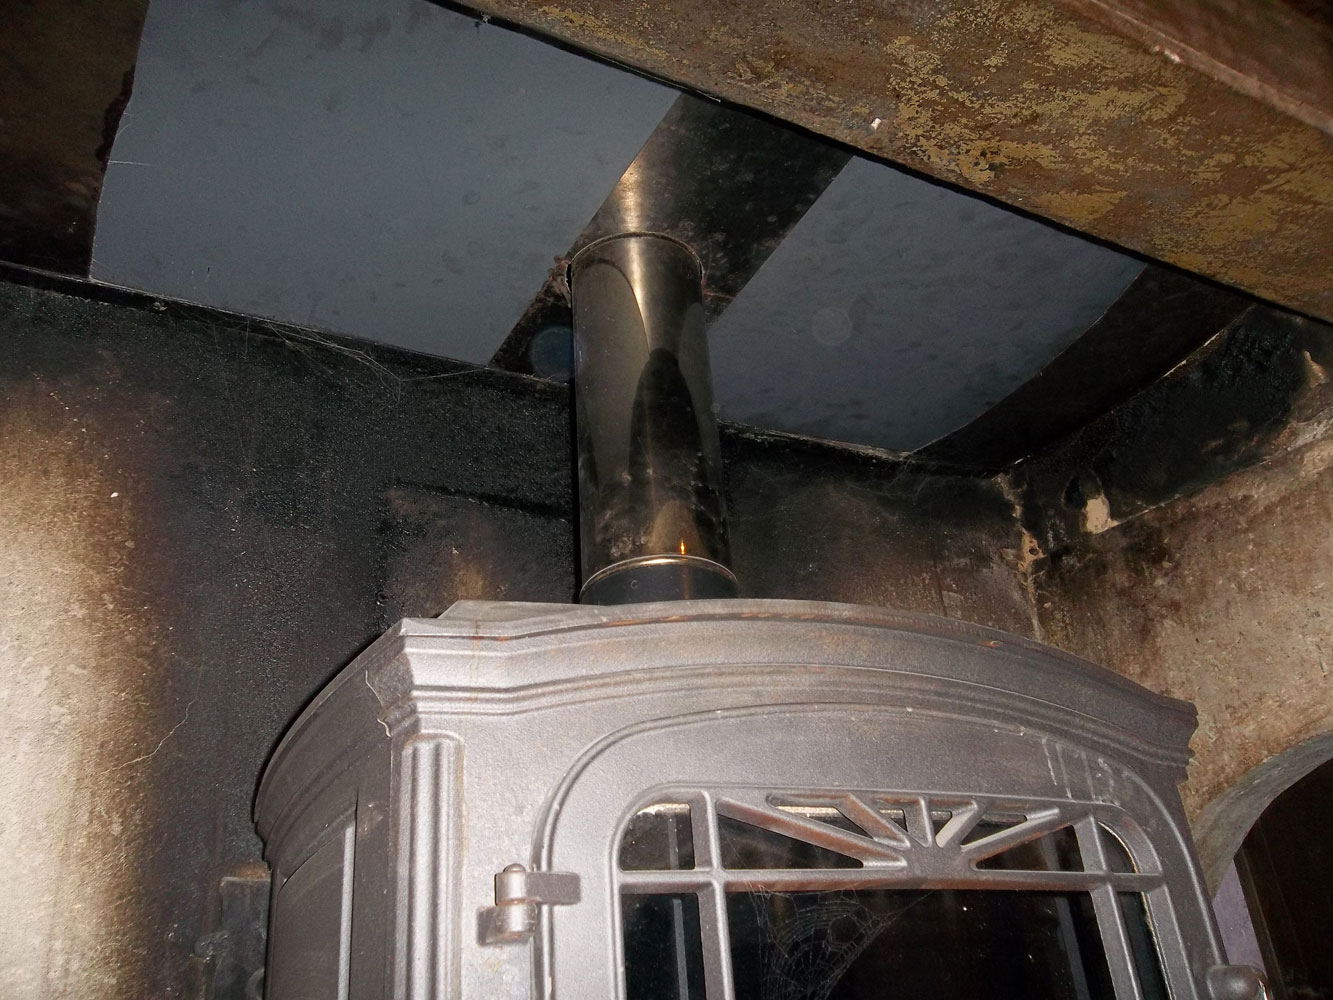 Percer une chemin e - Tubage de cheminee ...